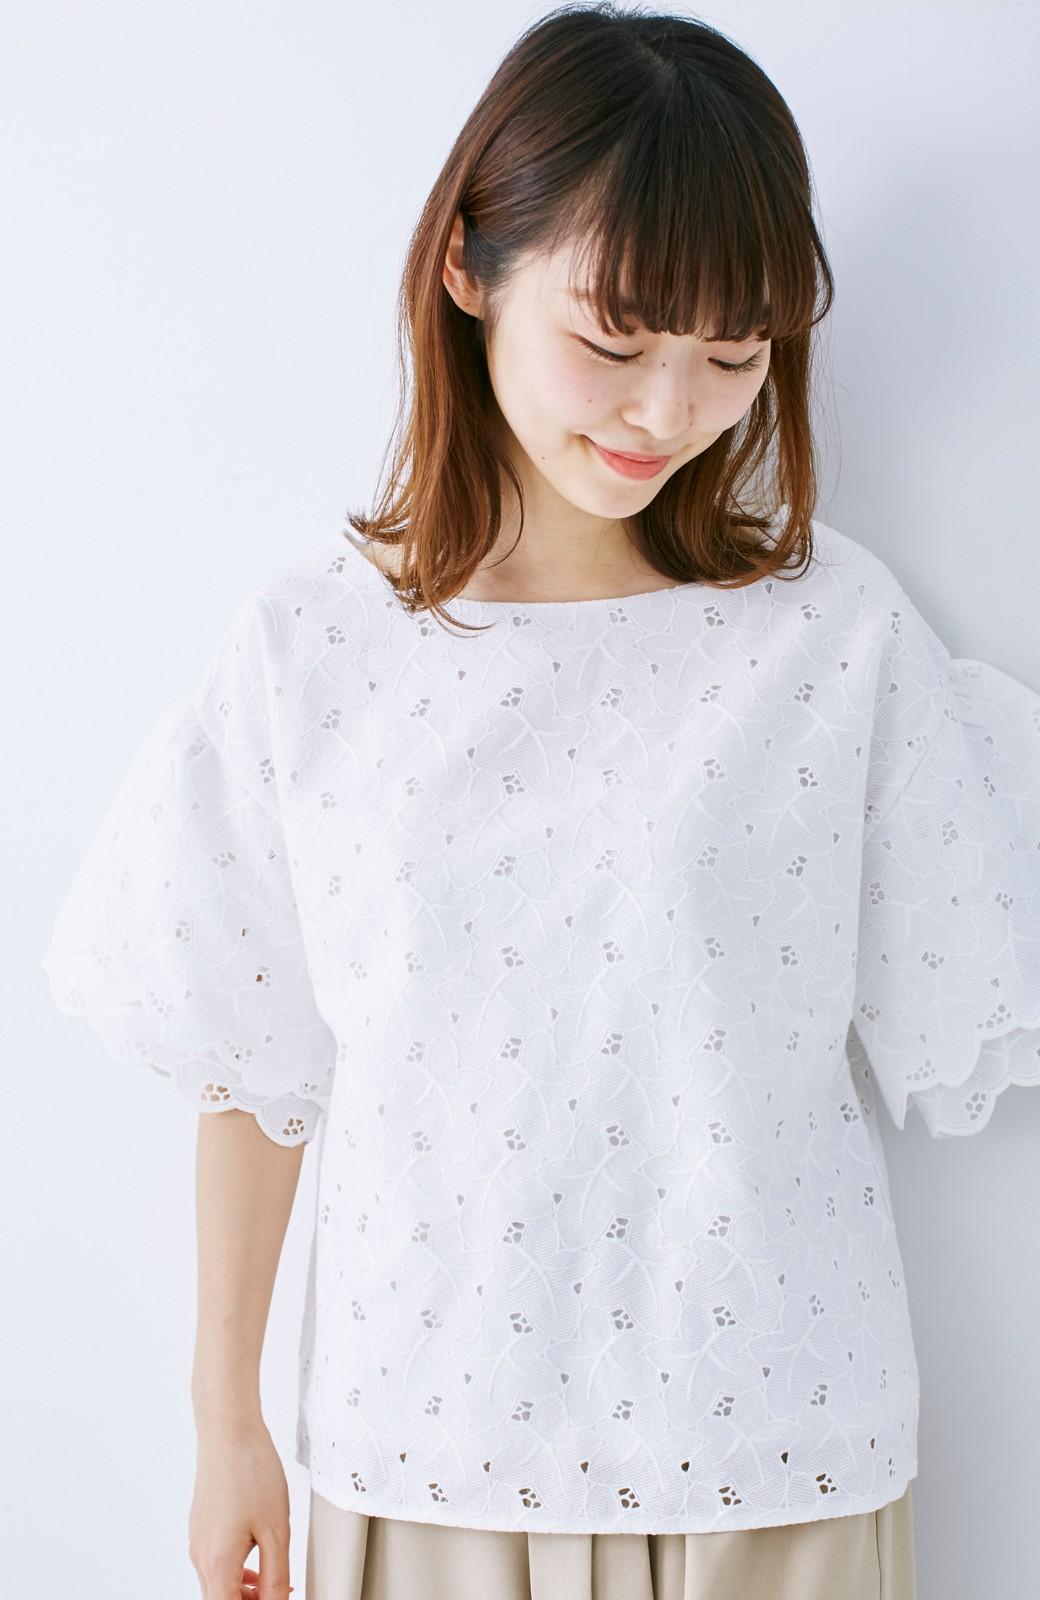 エムトロワ Tシャツ感覚で着られる フラワーレースのティアードスリーブトップス <ホワイト>の商品写真12